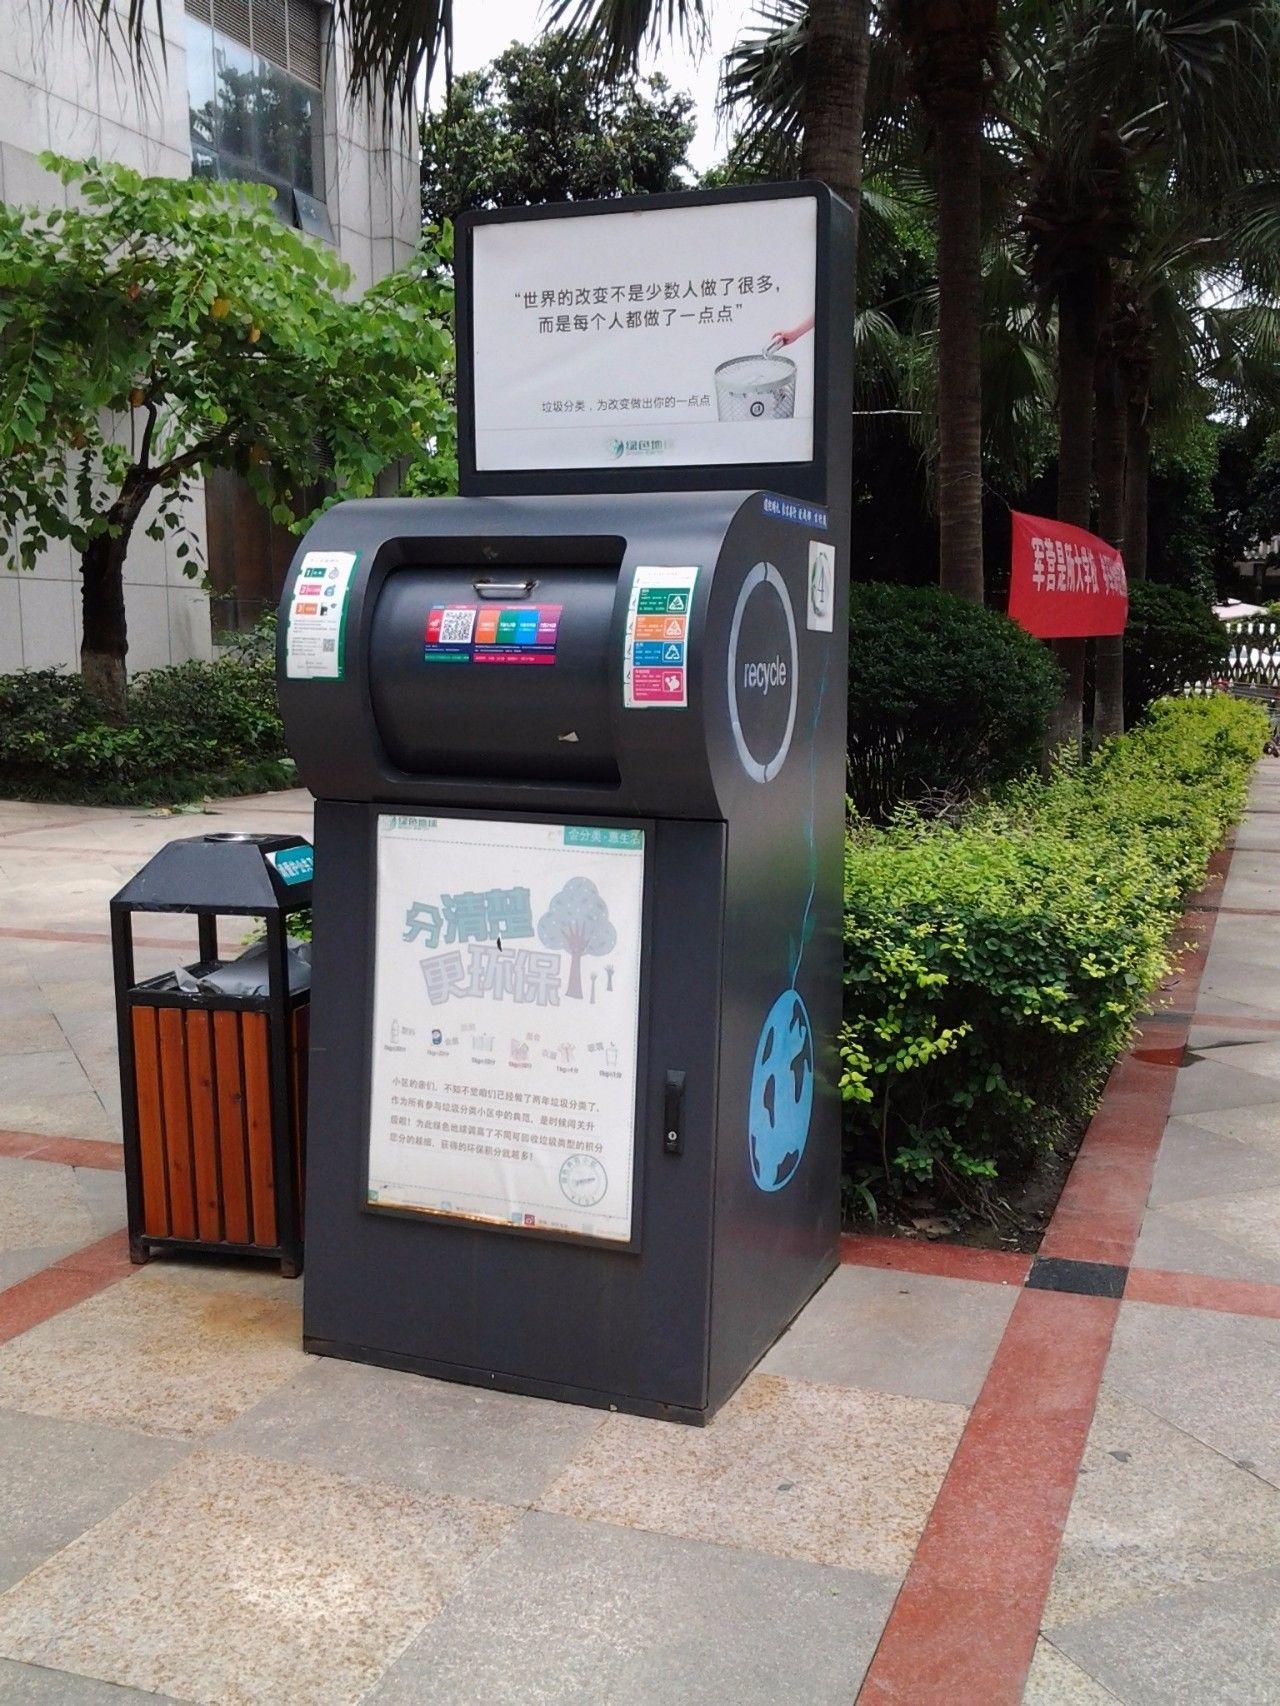 汪剑超研发设计的垃圾回收箱 这个有点像ATM机的家伙具有防盗功能